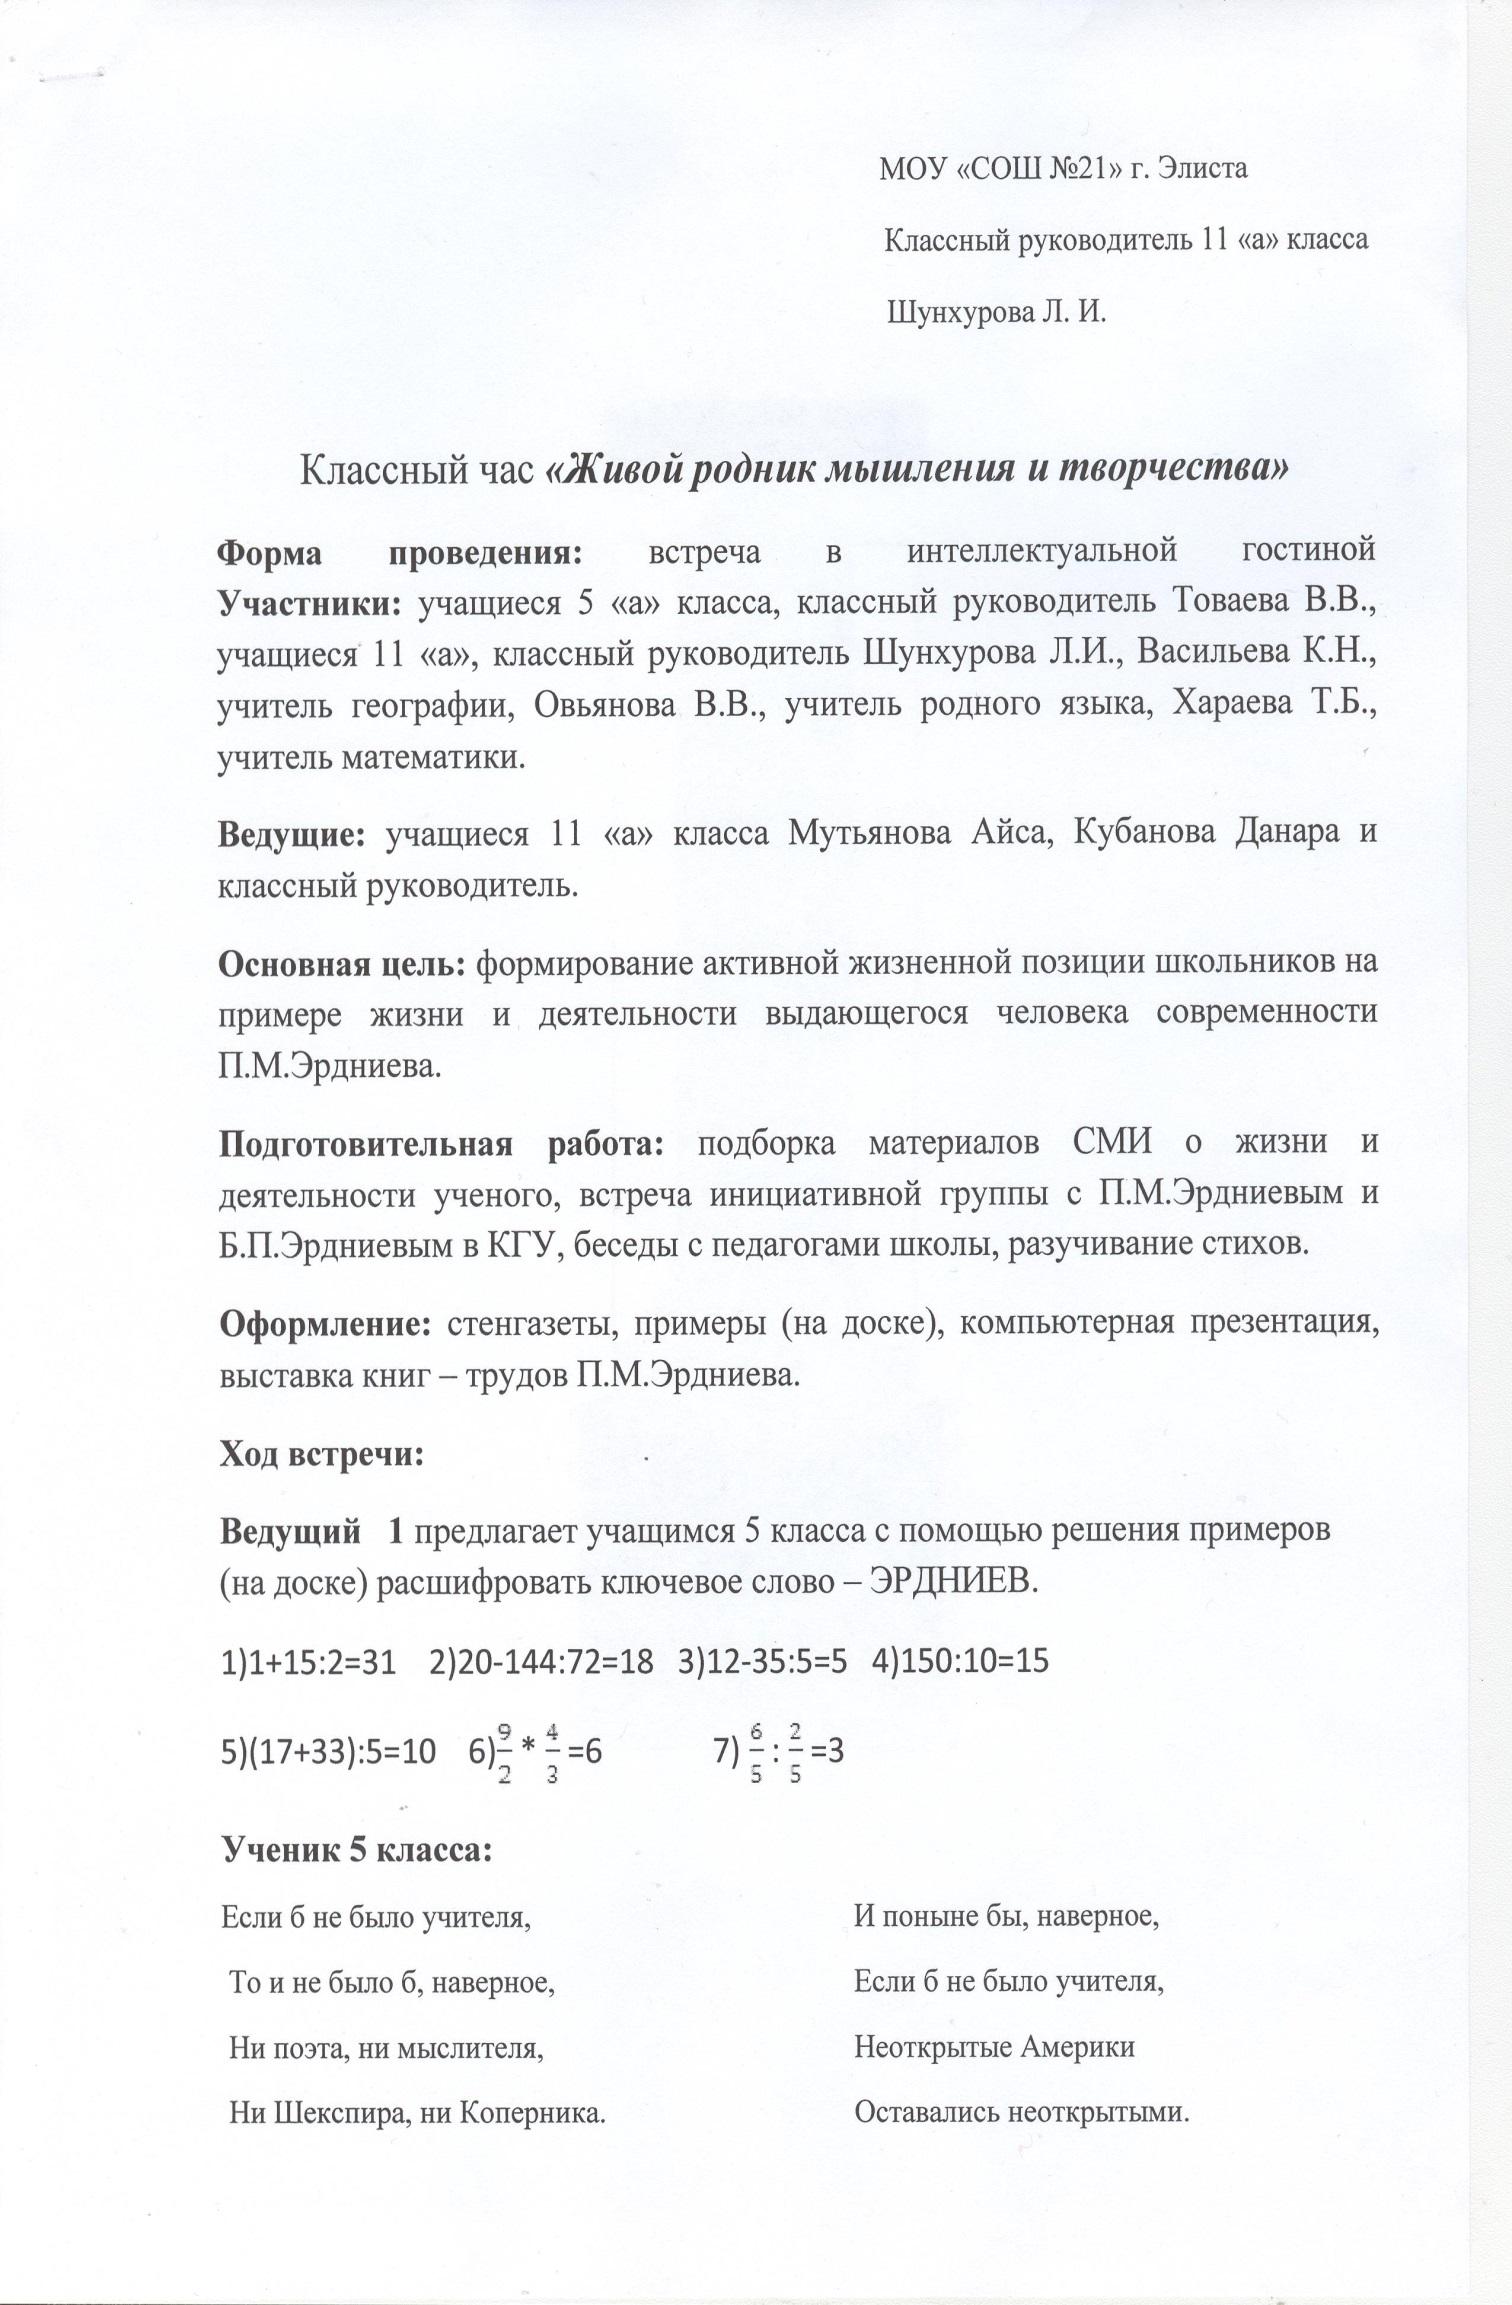 C:\Users\777\Сканированные документы\урок\урок 001.jpg